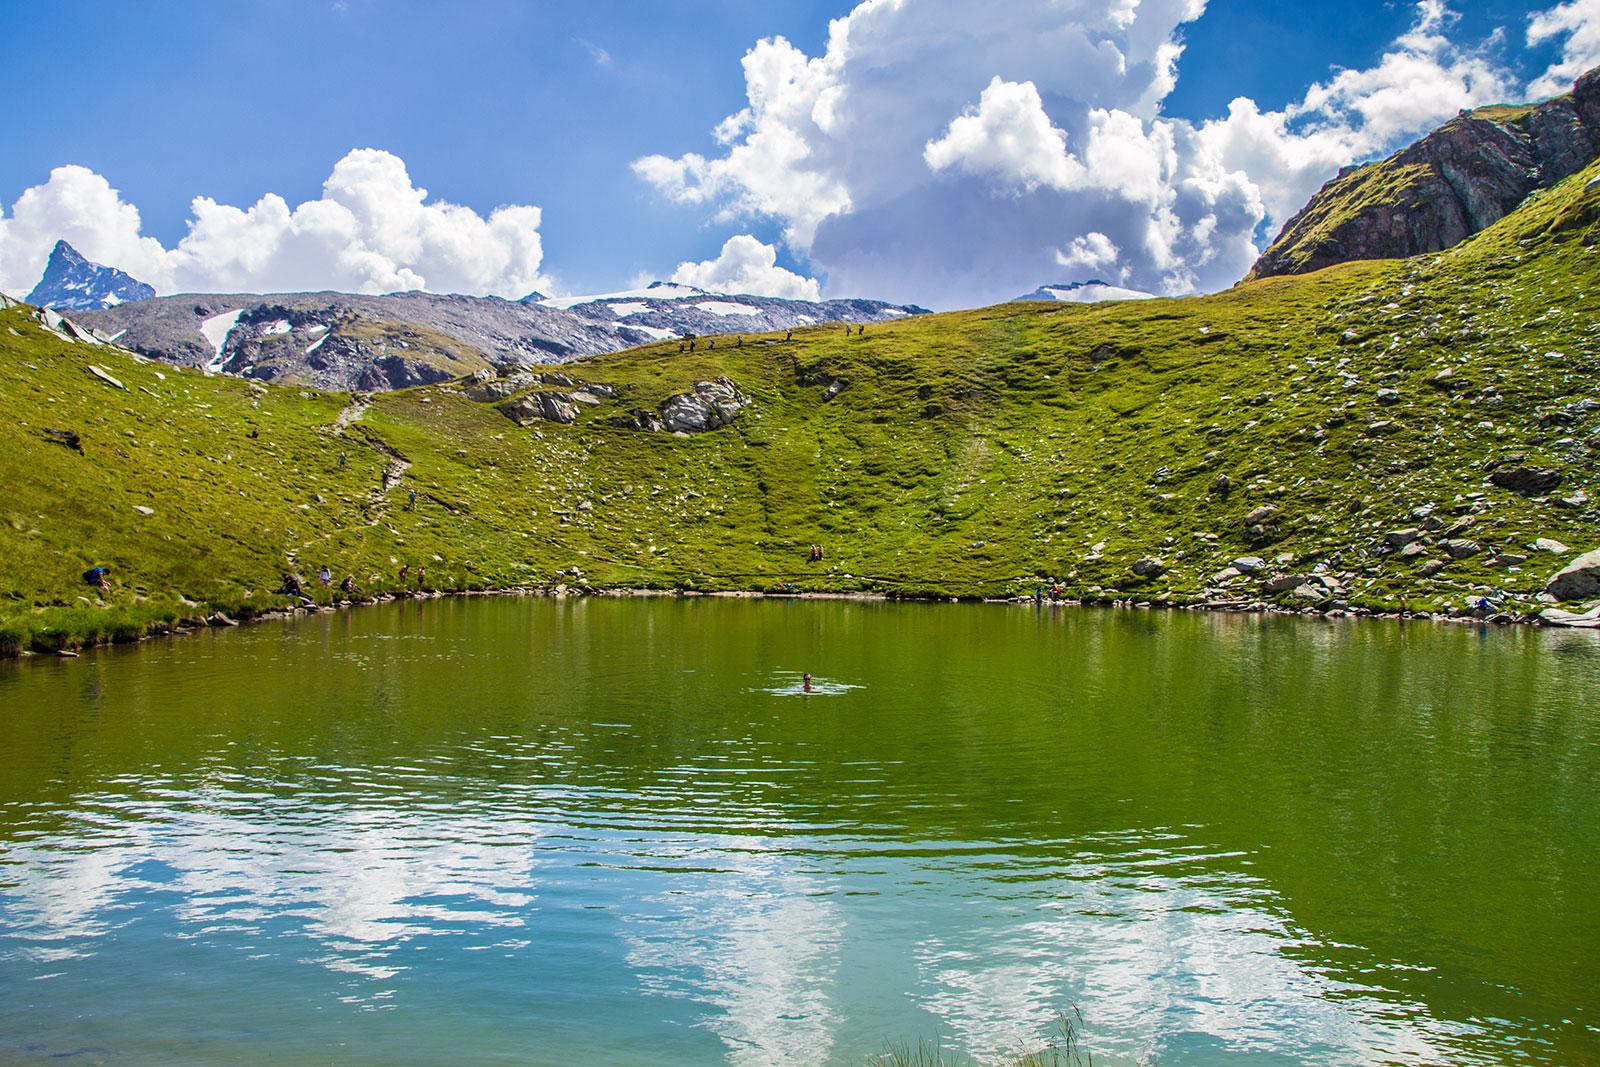 Nerea bañándose en un lago de un glaciar - Matterhorn Glacier Paradise